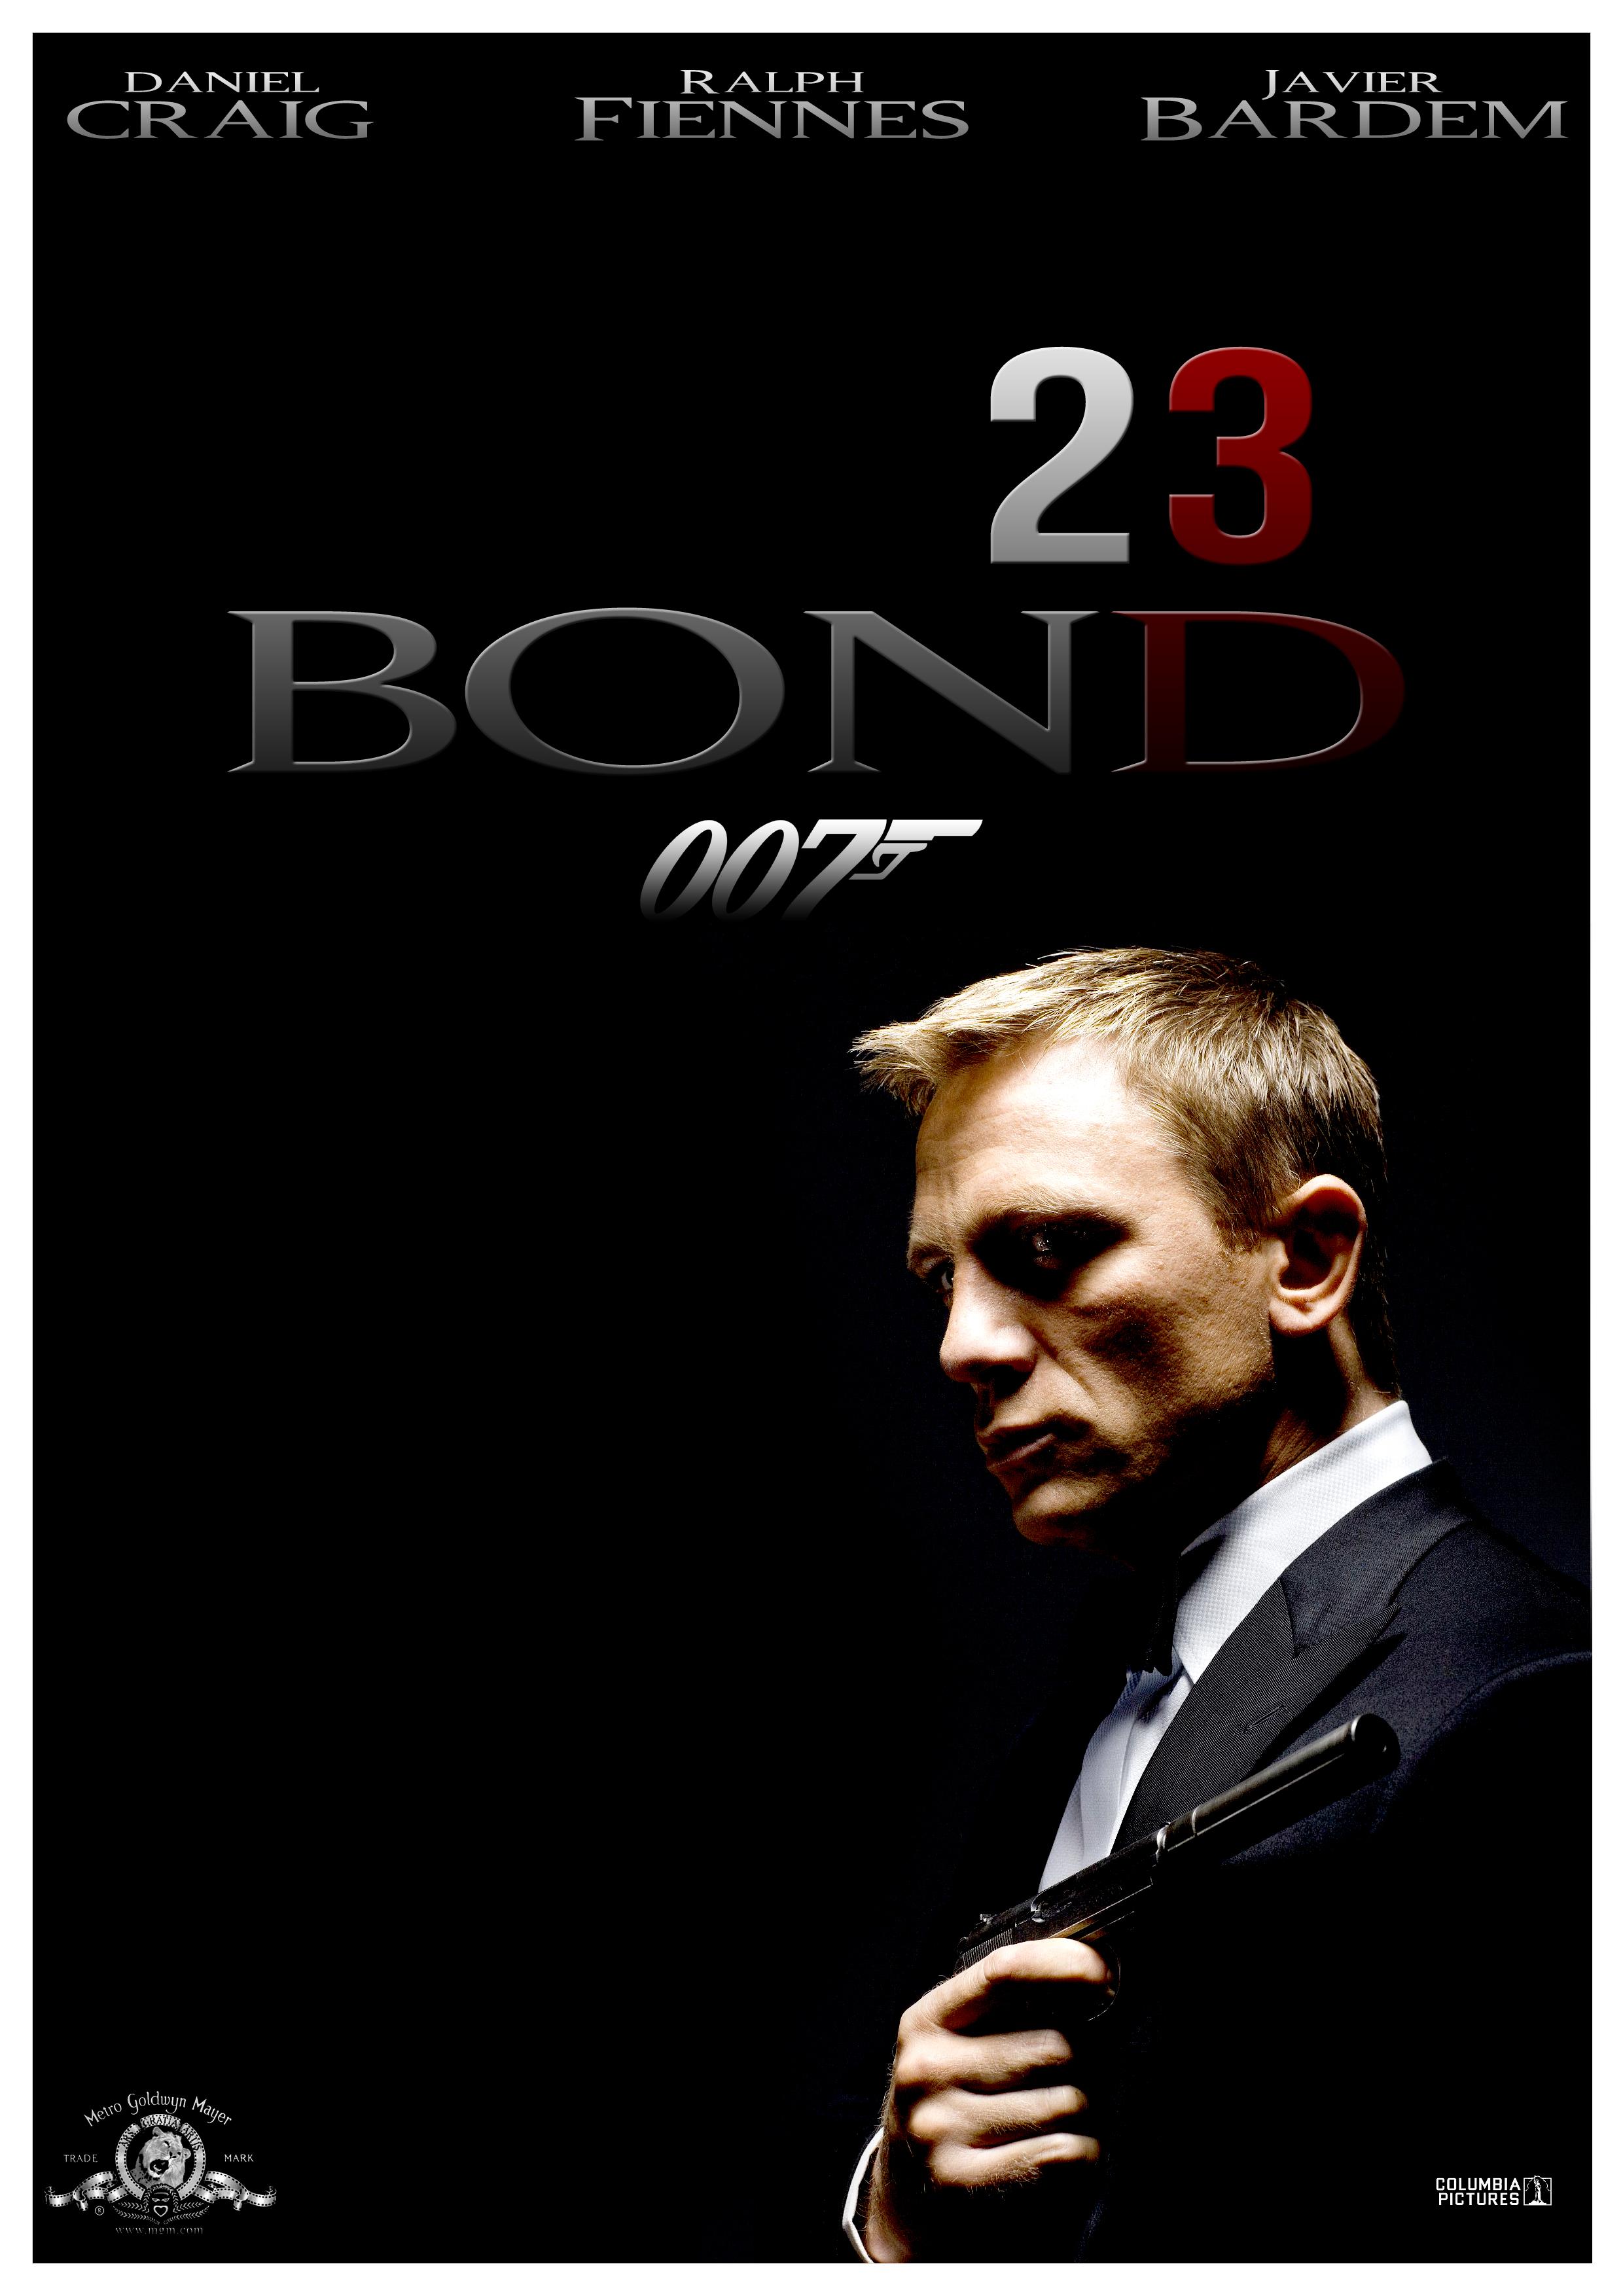 The James Bond 007 Dossier  Skyfall Movie Posters